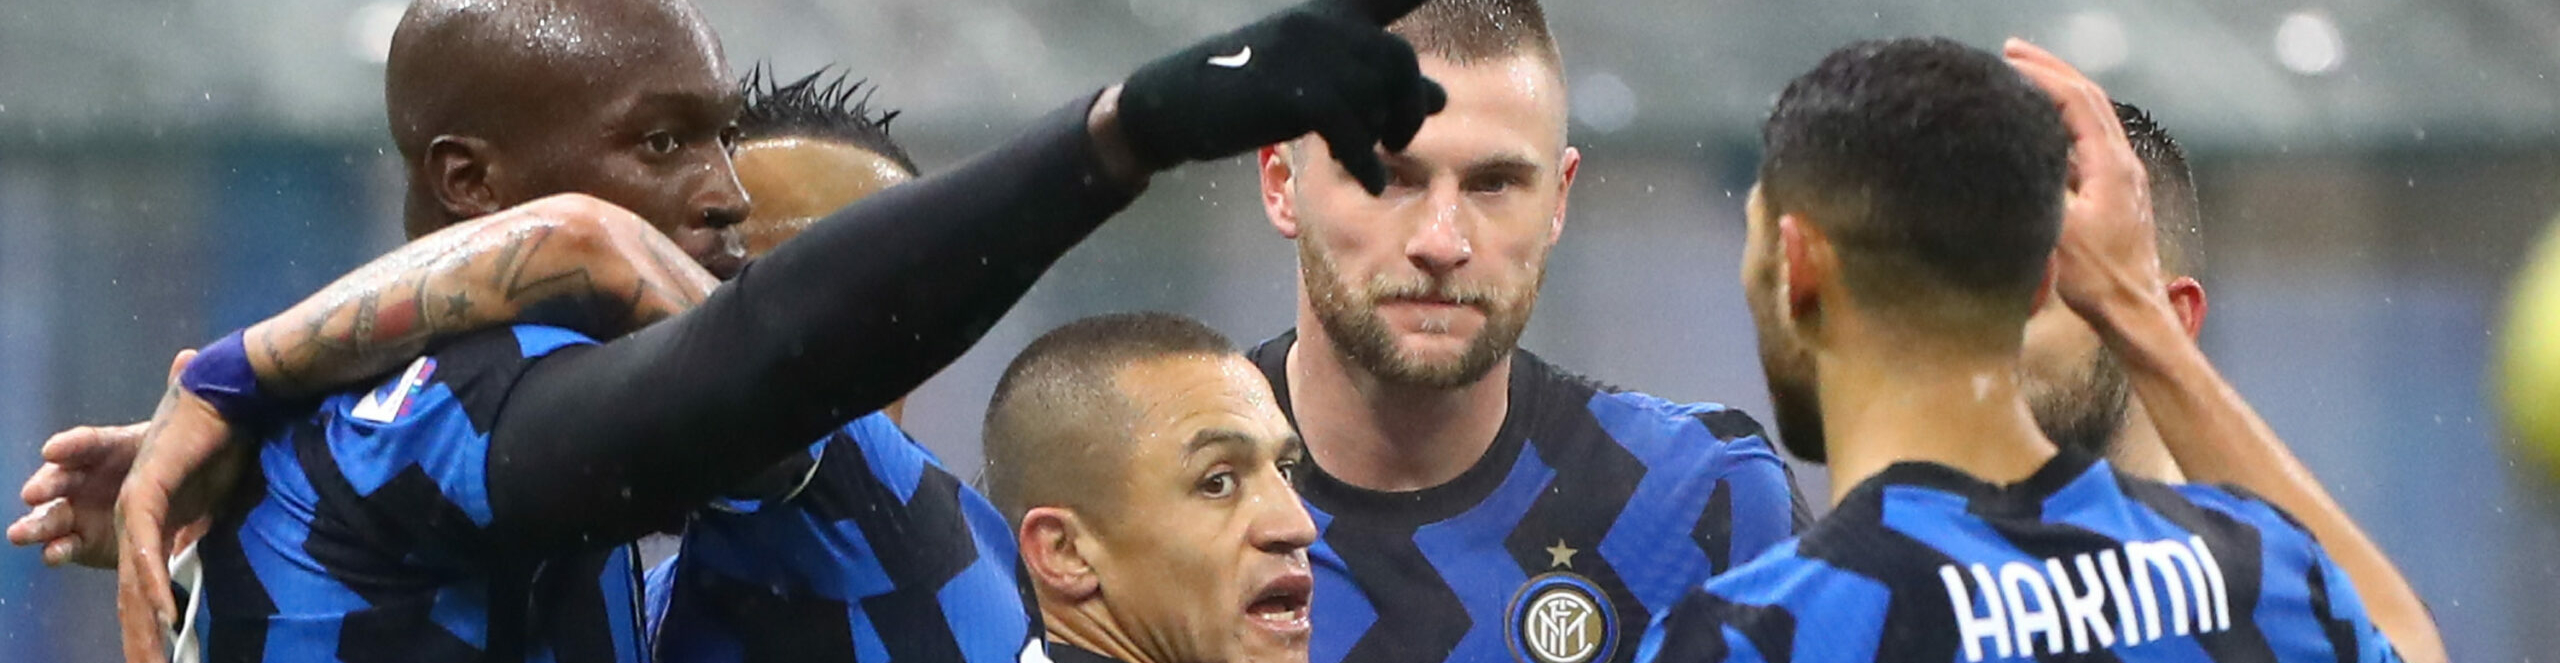 Bologna-Inter, i nerazzurri non possono fermarsi al Dall'Ara